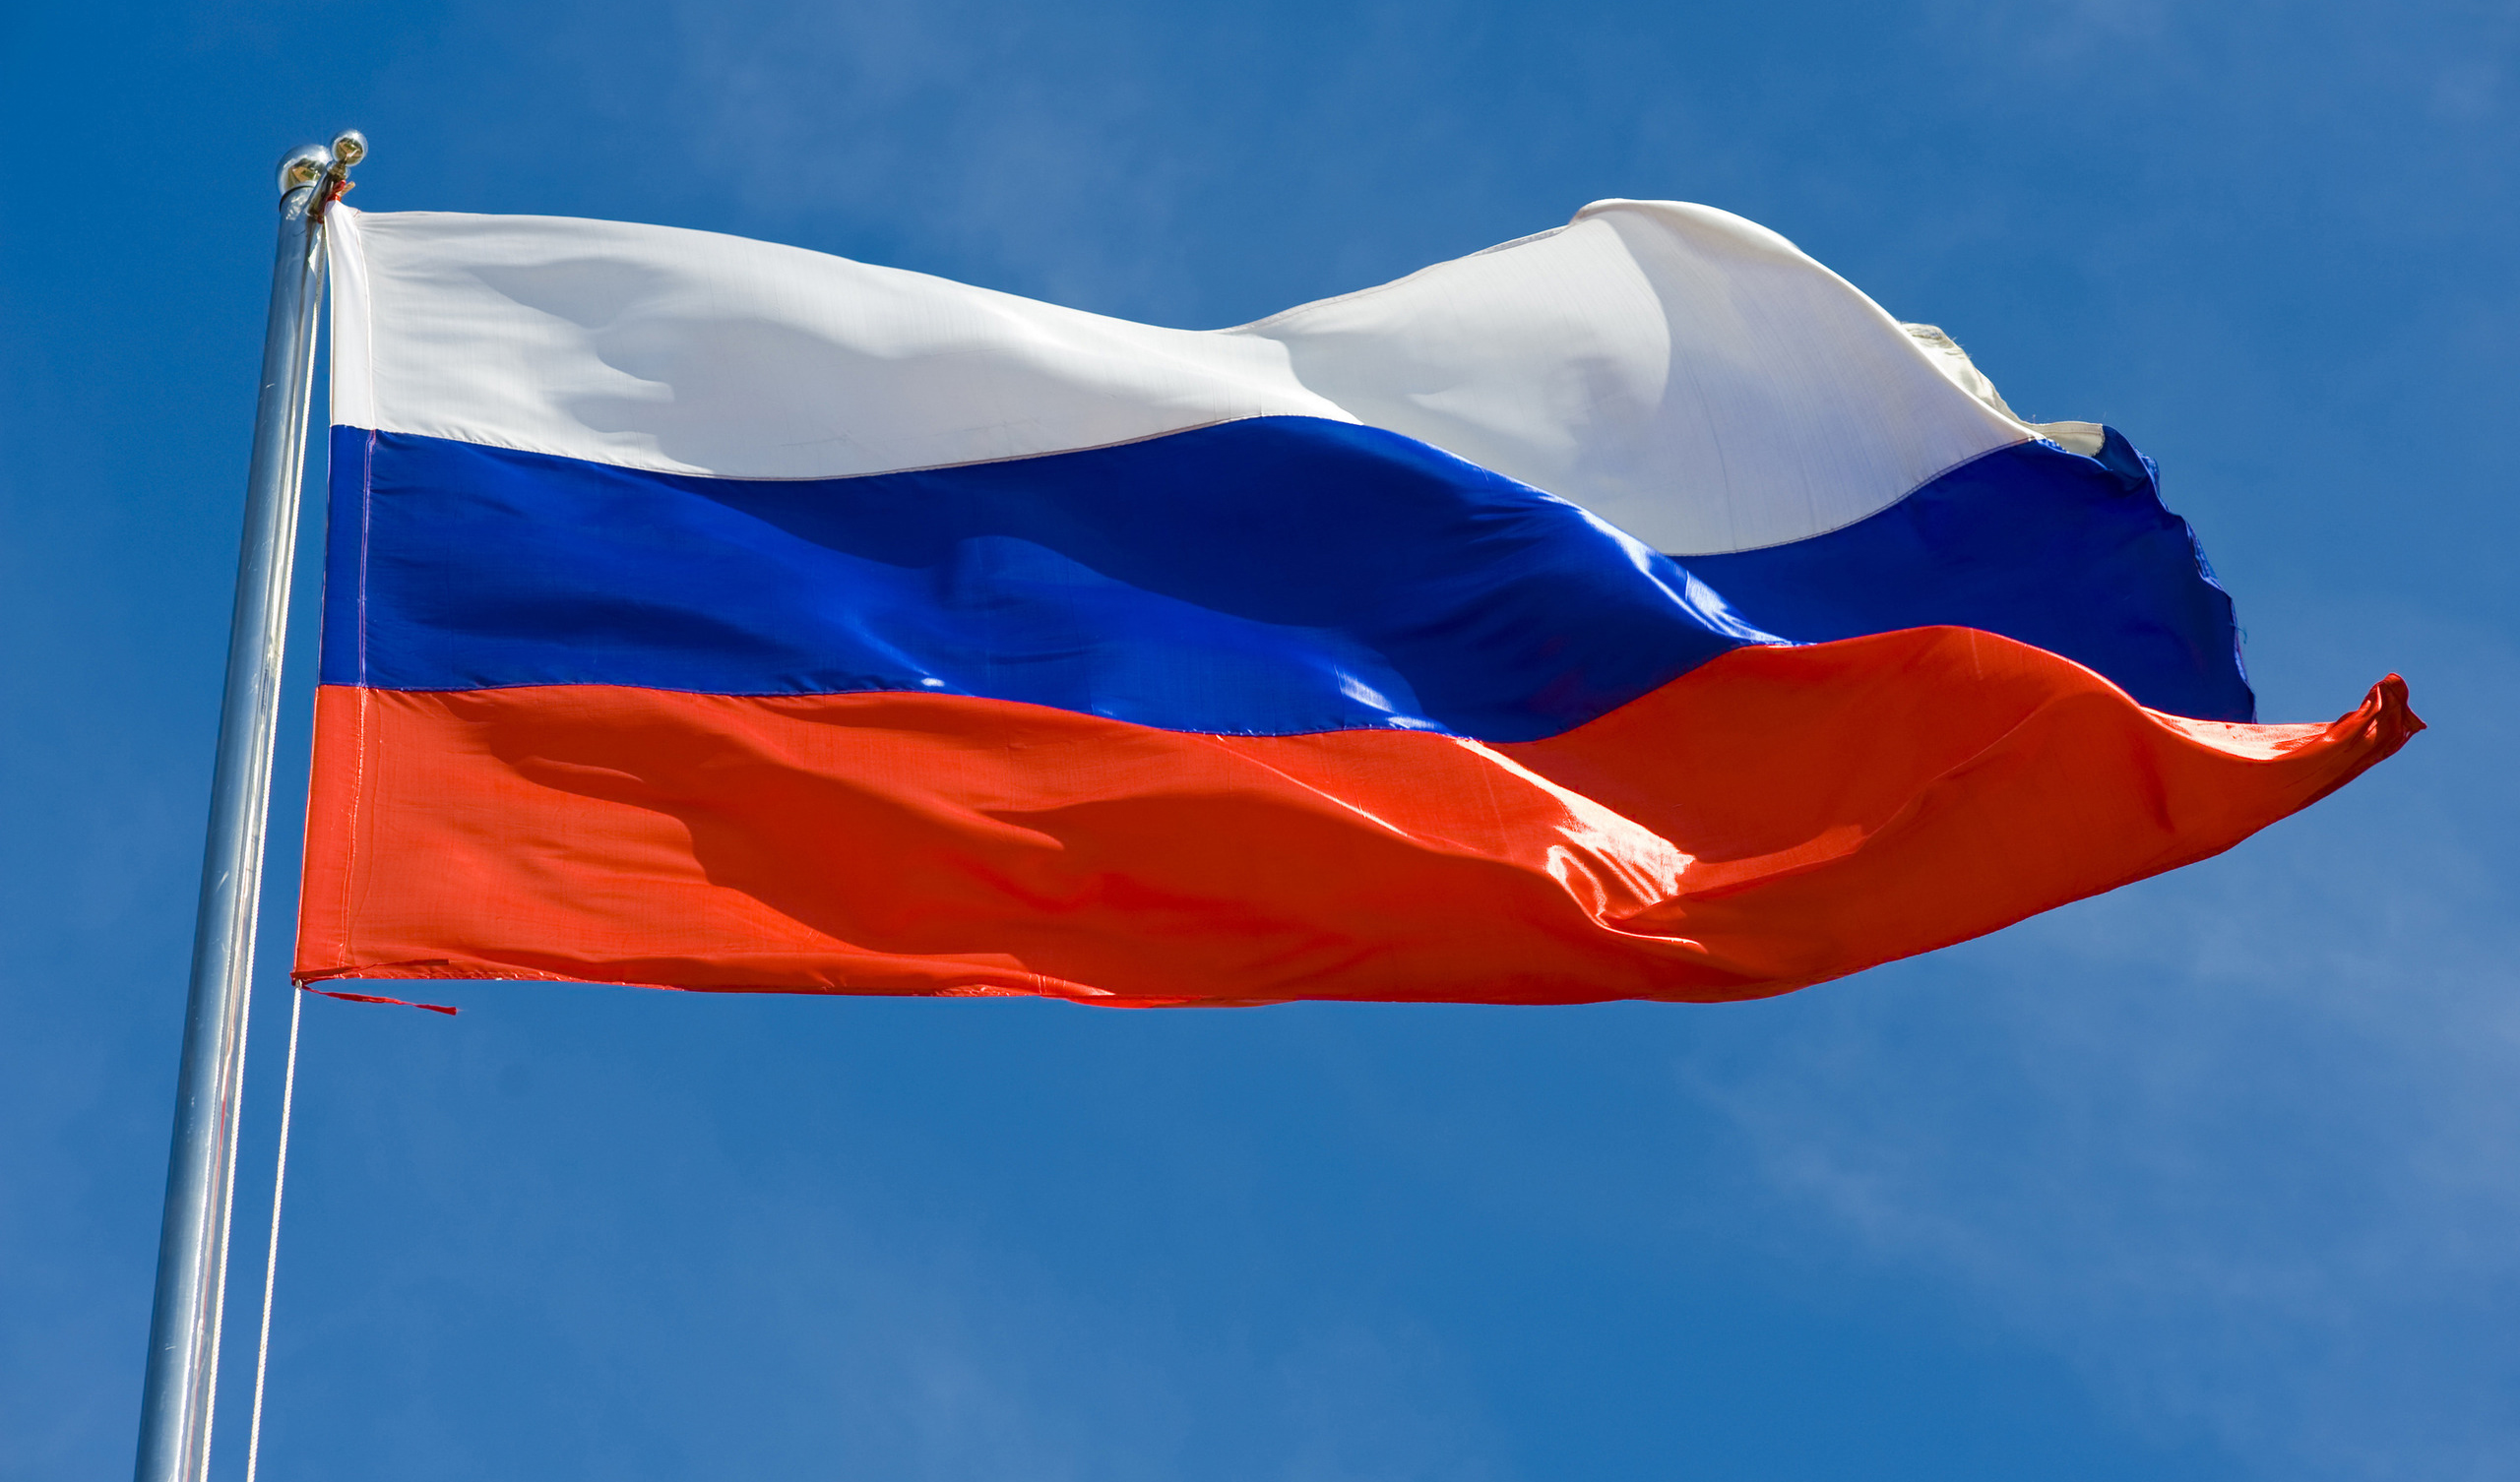 ذخایر طلا و ارز روسیه ۱ میلیارد دلار در یک هفته افزایش یافت